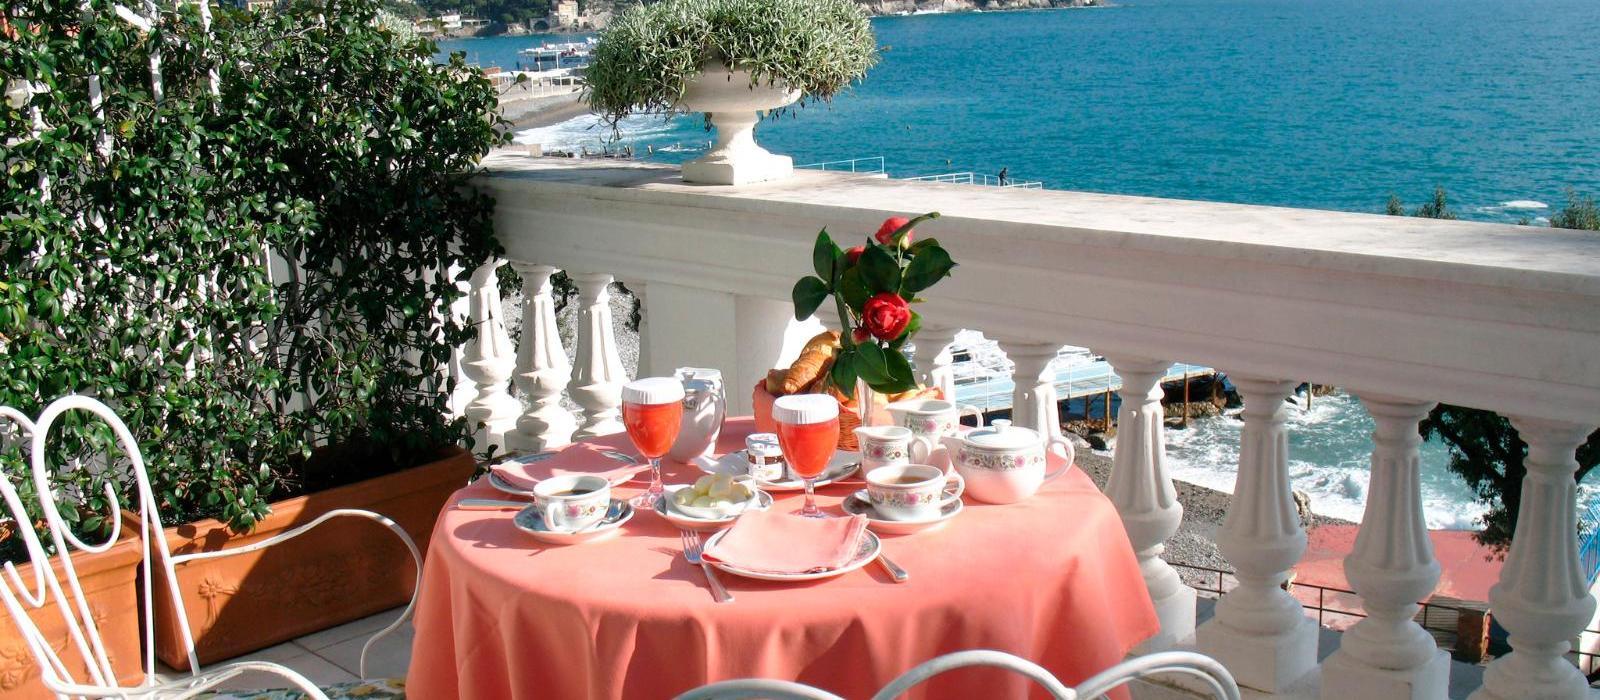 米拉梅尔海湾大酒店(Grand Hotel Miramare) 图片  www.lhw.cn